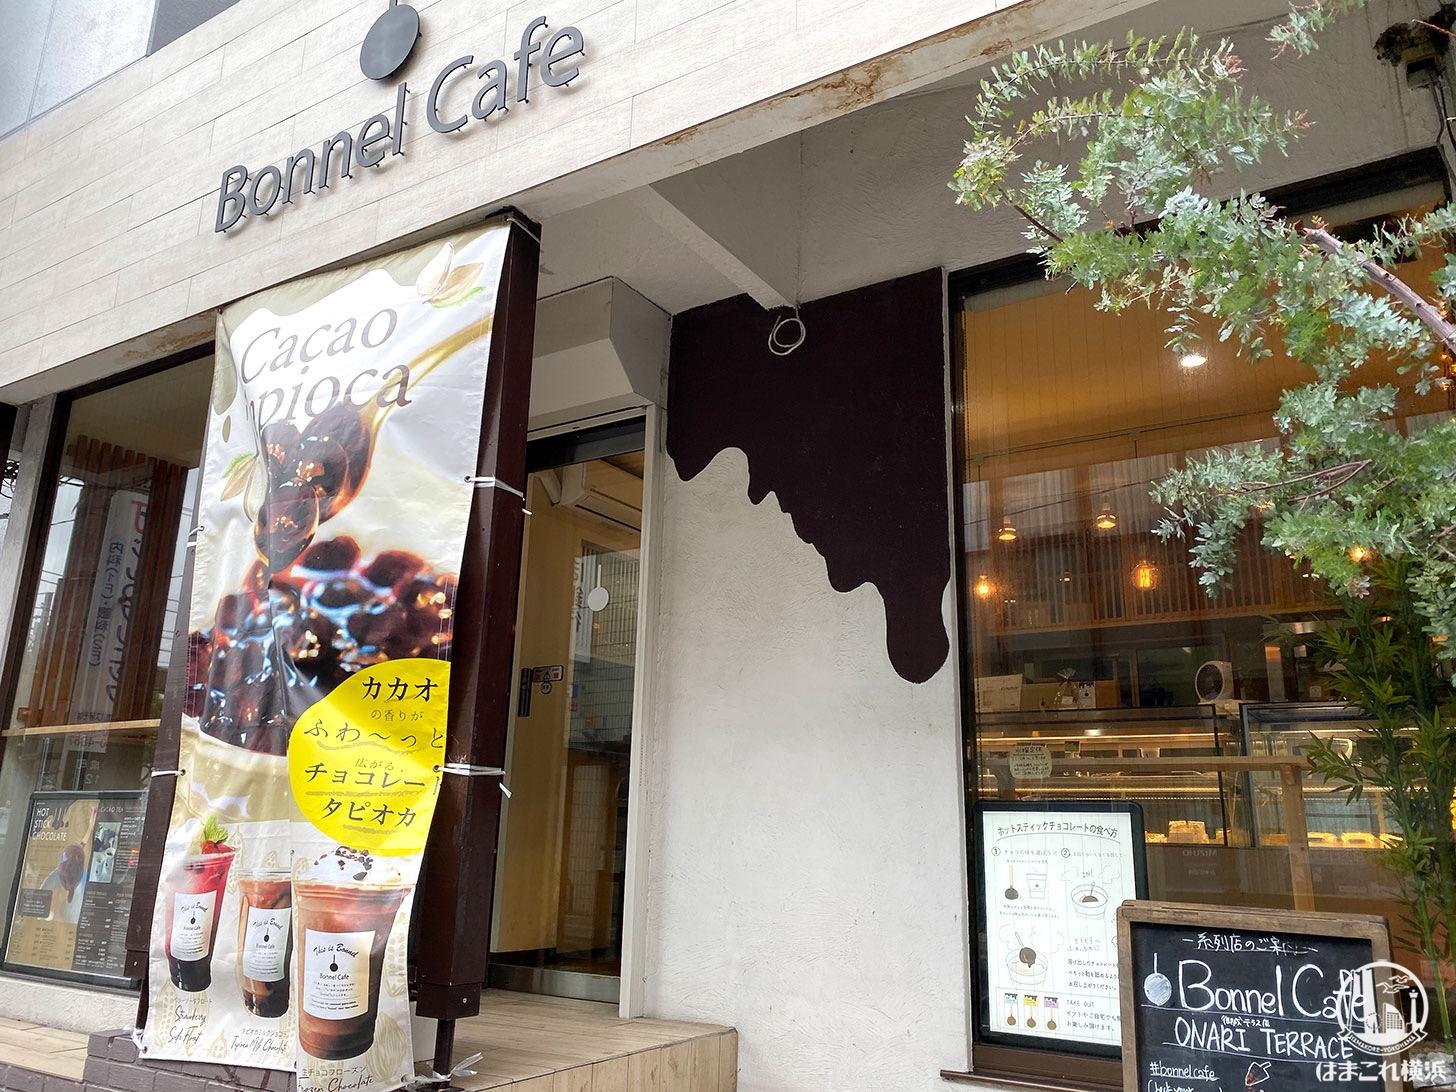 ボンヌカフェ 鎌倉店